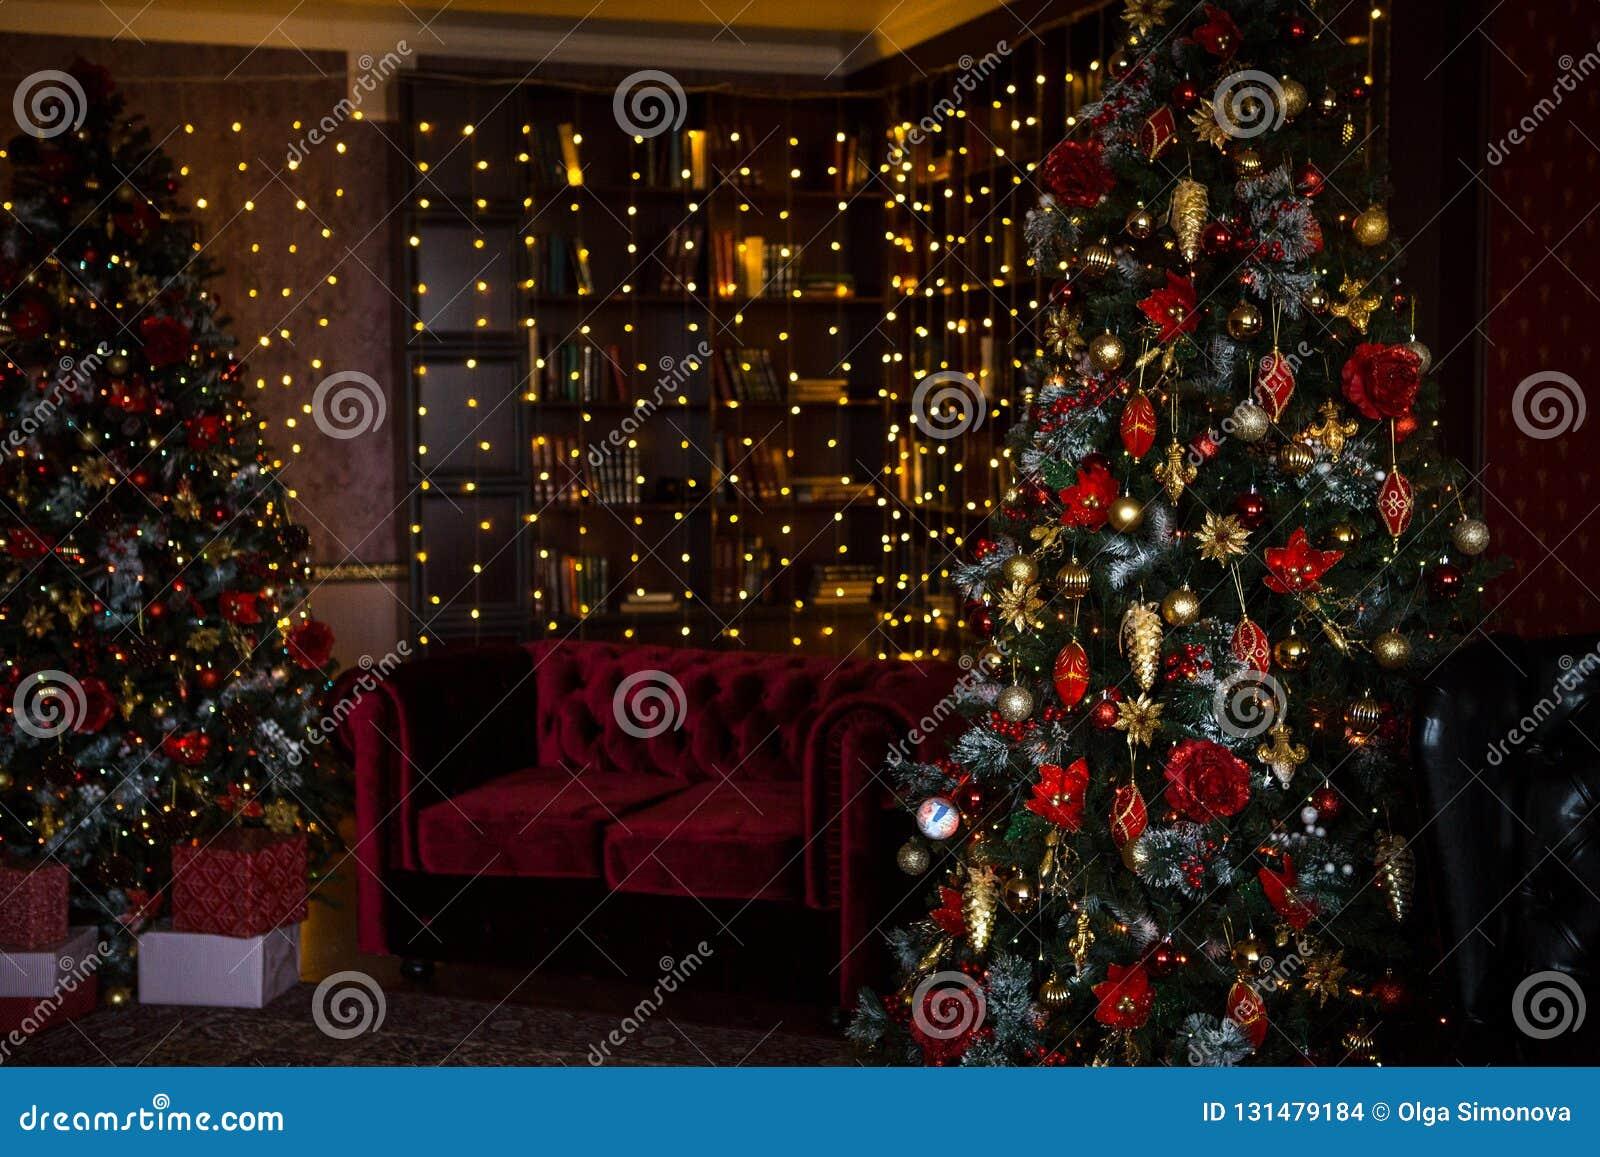 Weihnachtsbaum-Ferienhausinnenlichtgirlanden und Inneneinrichtung